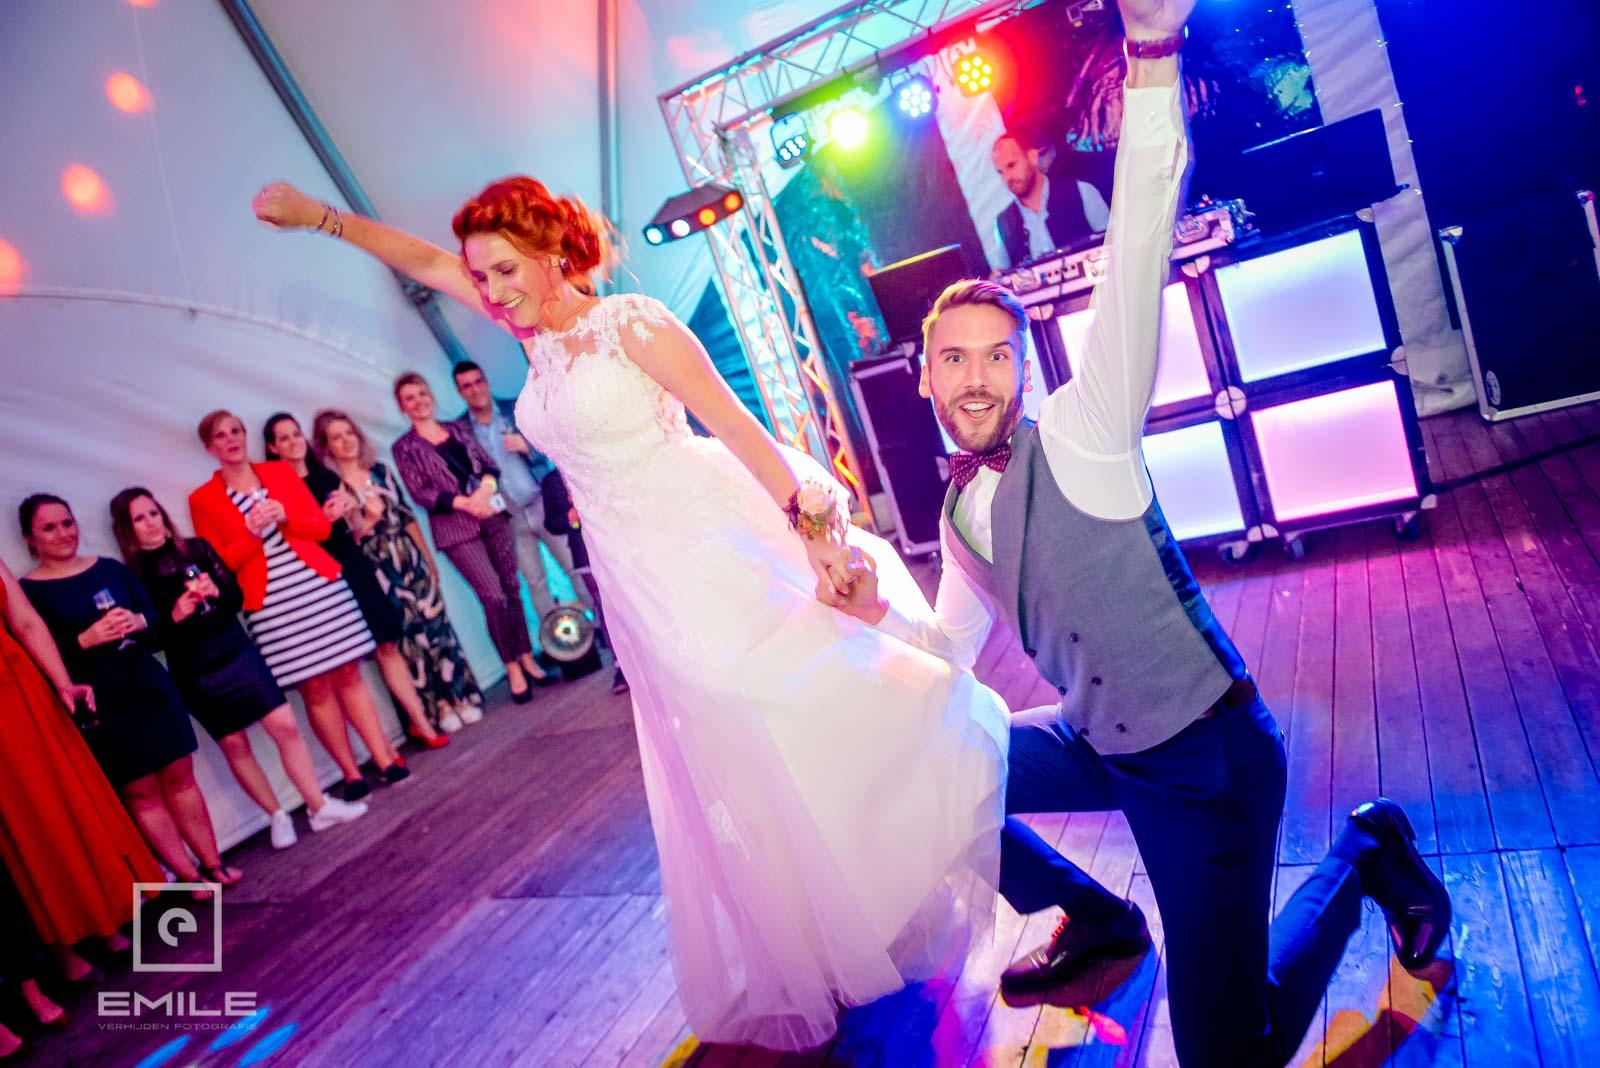 Rock en Roll met het bruidspaar. Trouwen in Limburg